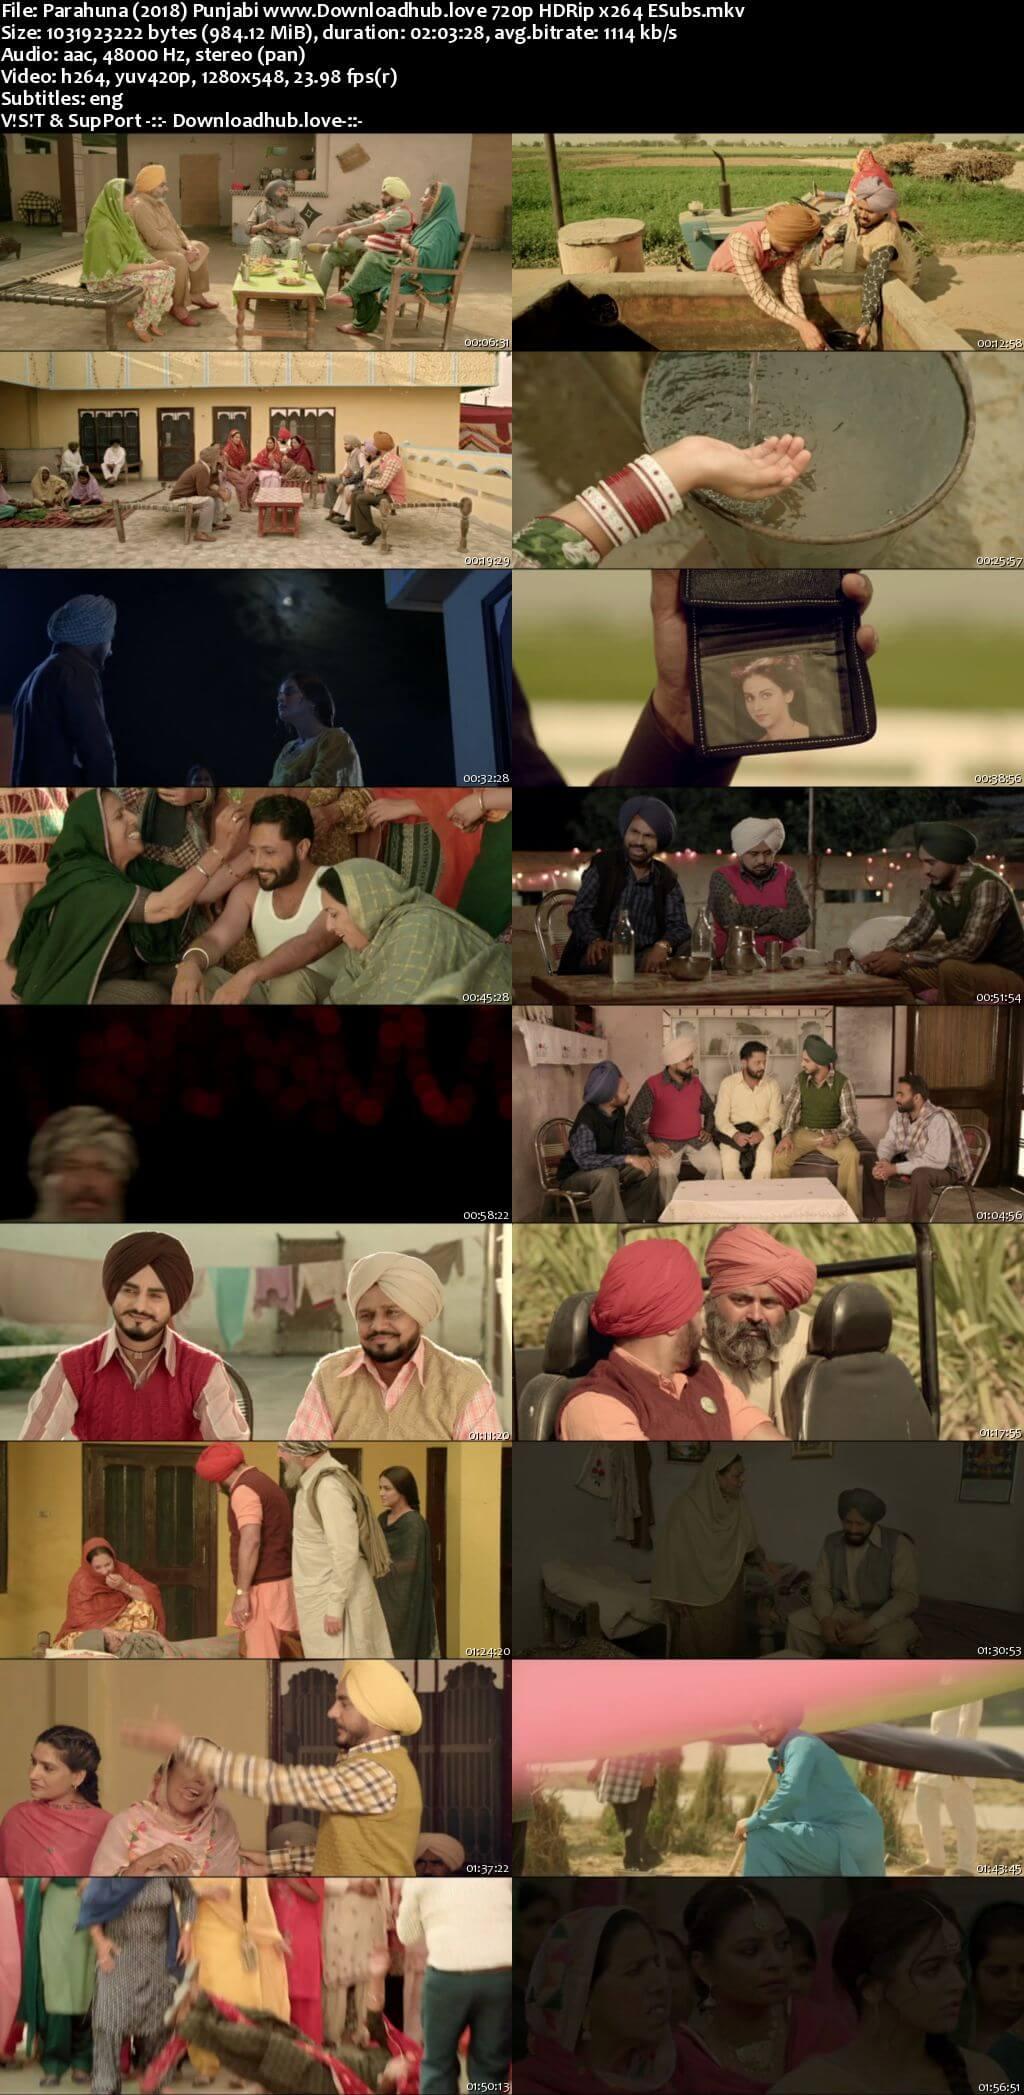 Parahuna 2018 Punjabi 720p HDRip ESubs